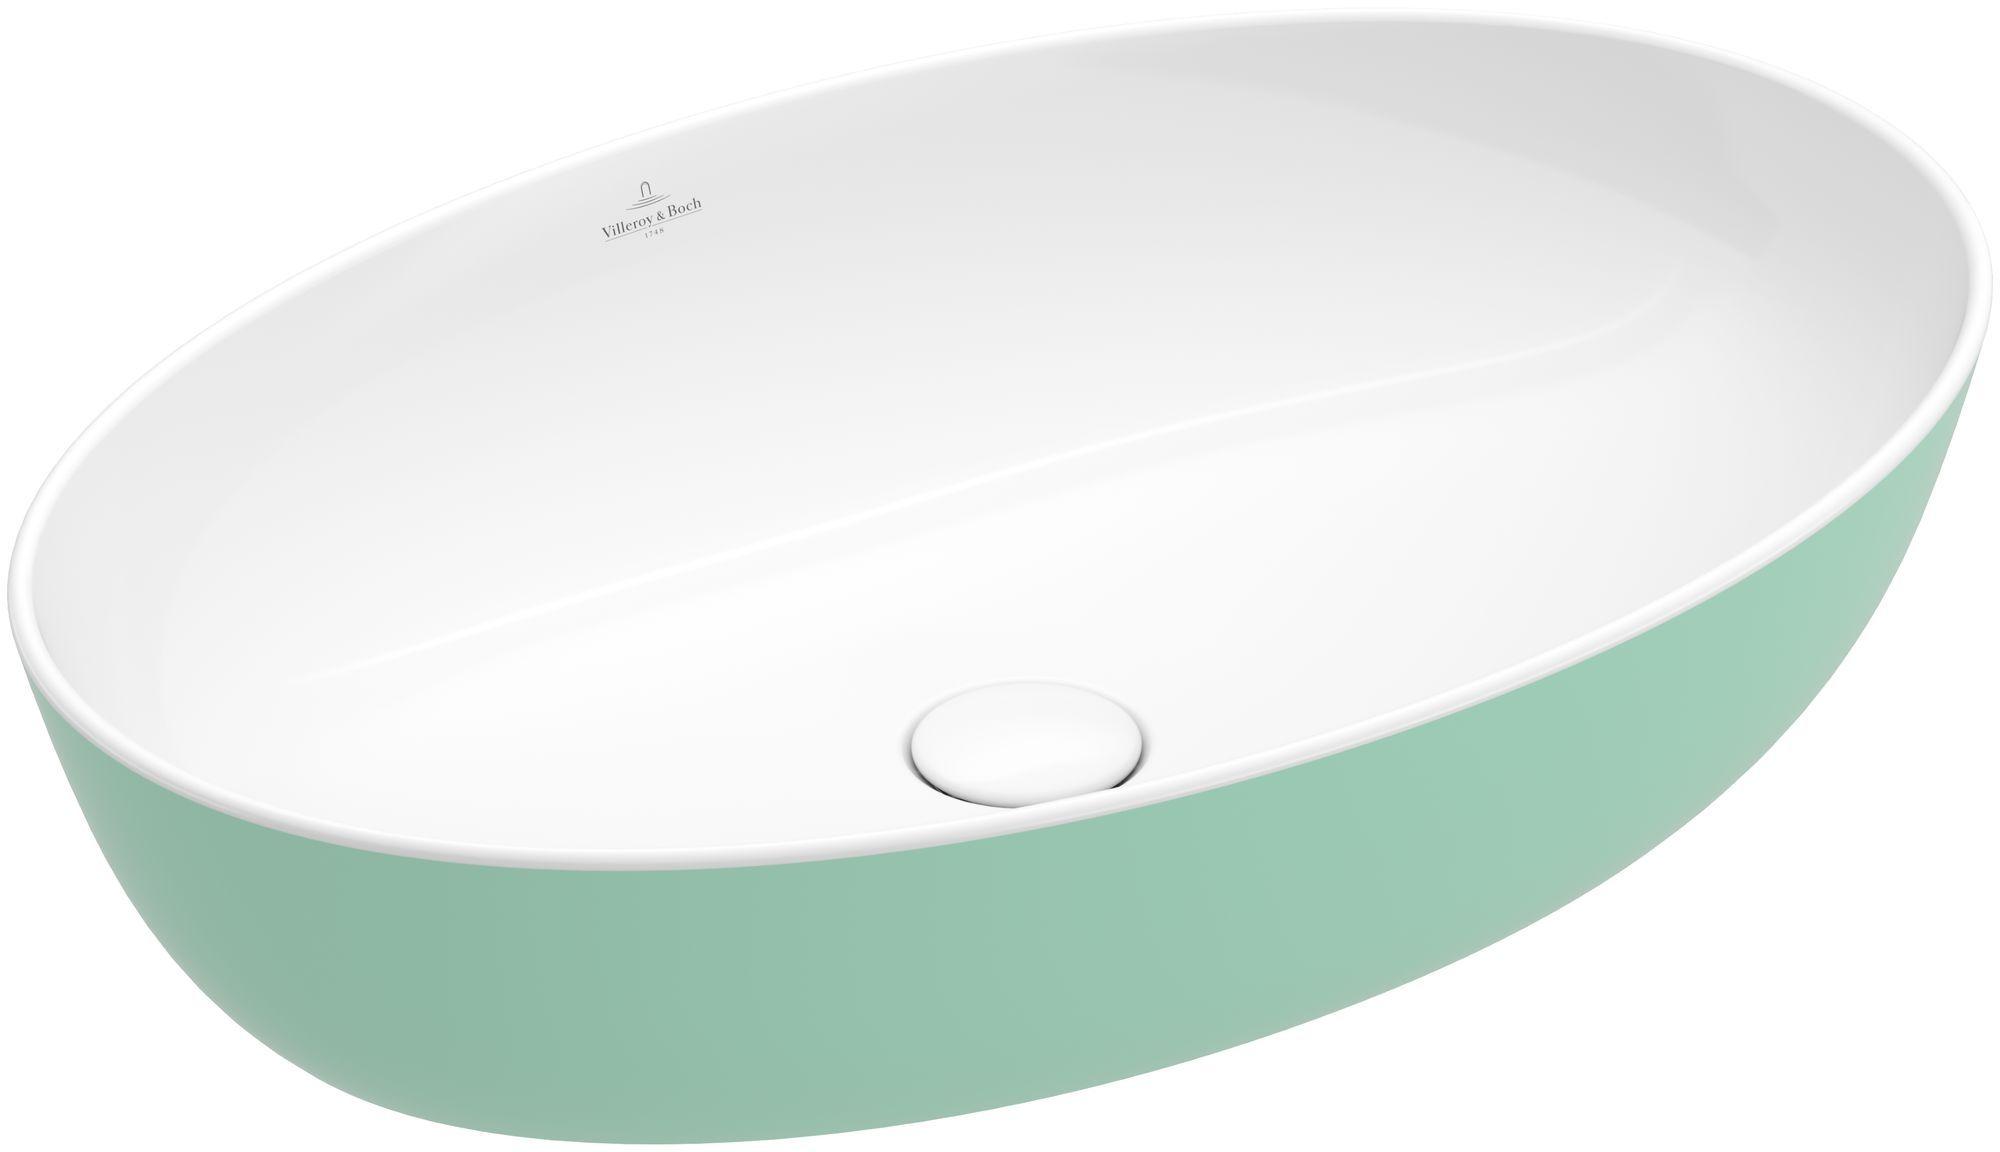 Villeroy & Boch Artis Aufsatzwaschtisch B:61xT:41cm ohne Hahnlochbank ohne Überlauf oval weiß mint 419861BCW3